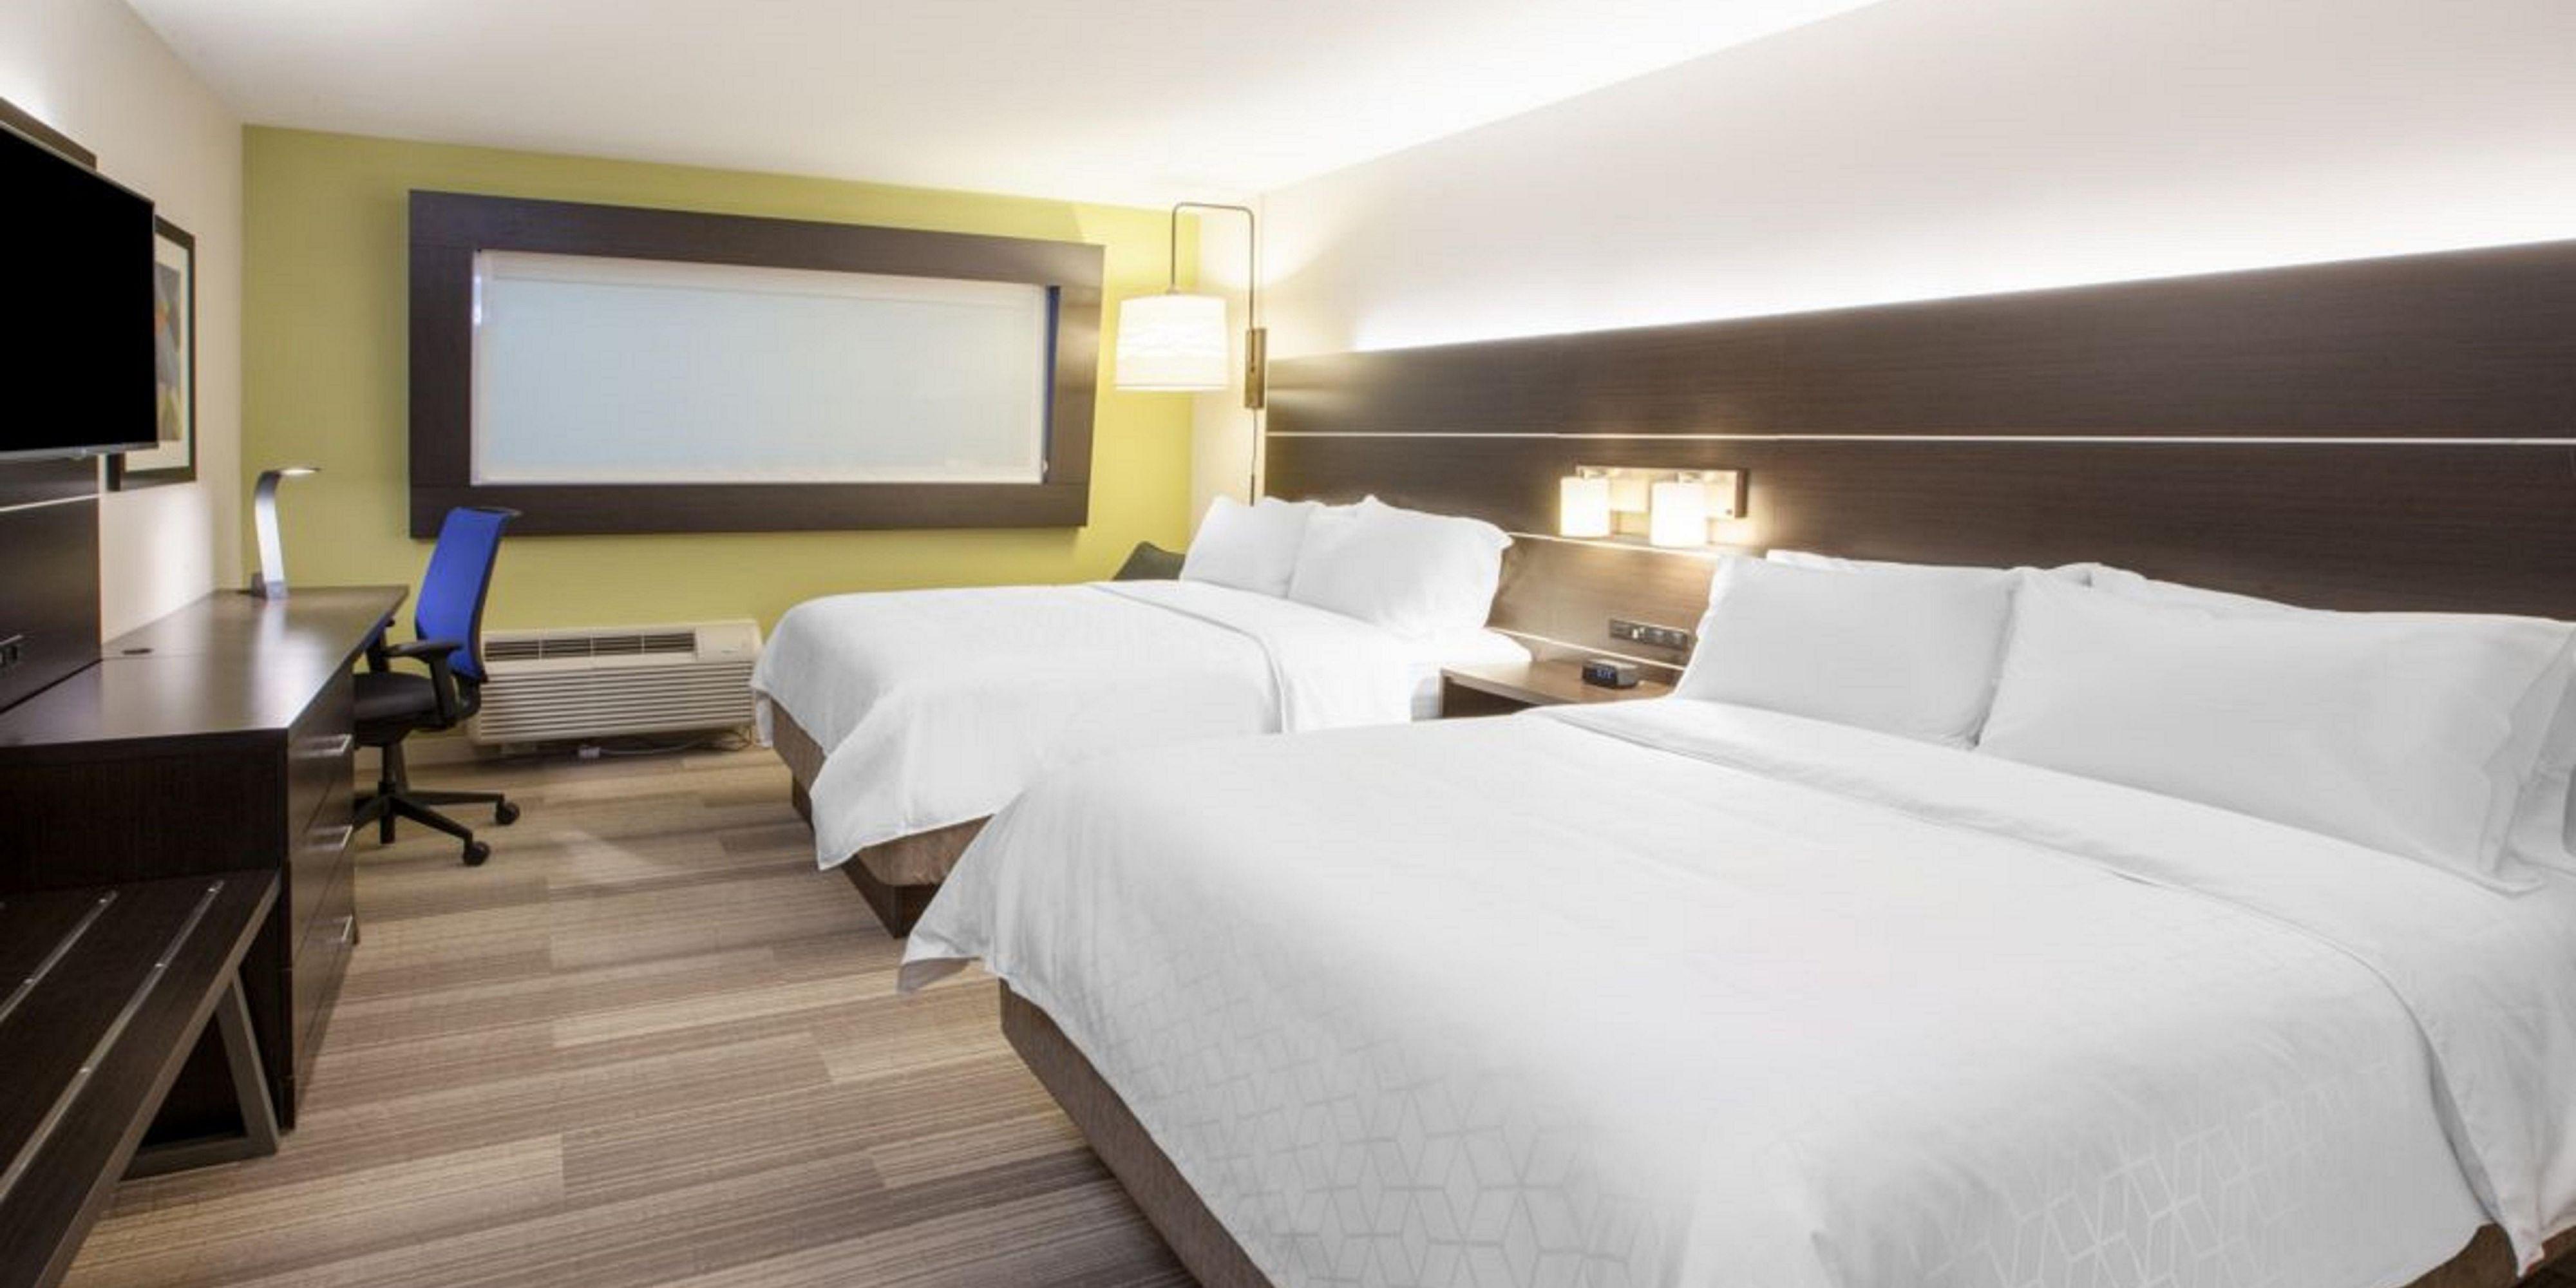 Hotel In Colorado Springs Colorado Holiday Inn Express Suites Colorado Springs South I 25